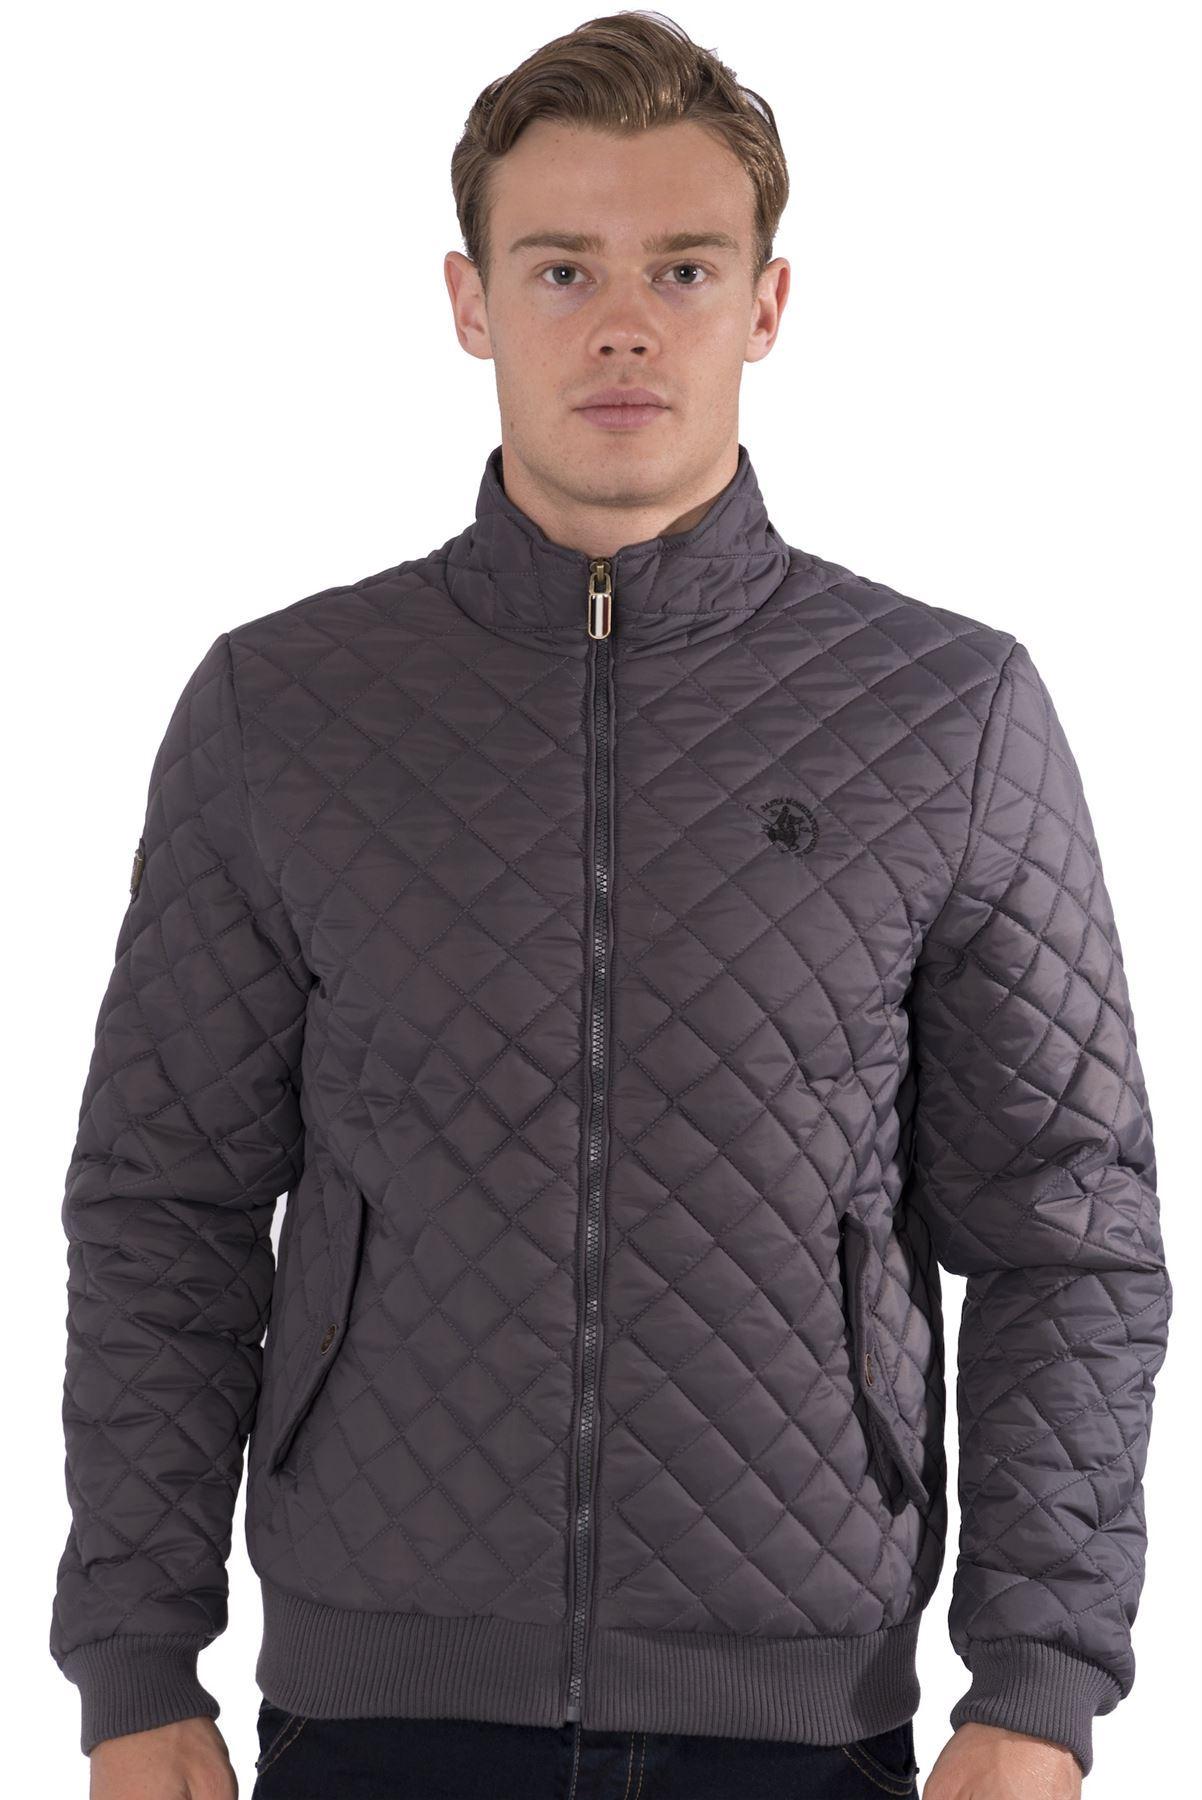 Mens zip up denim jacket